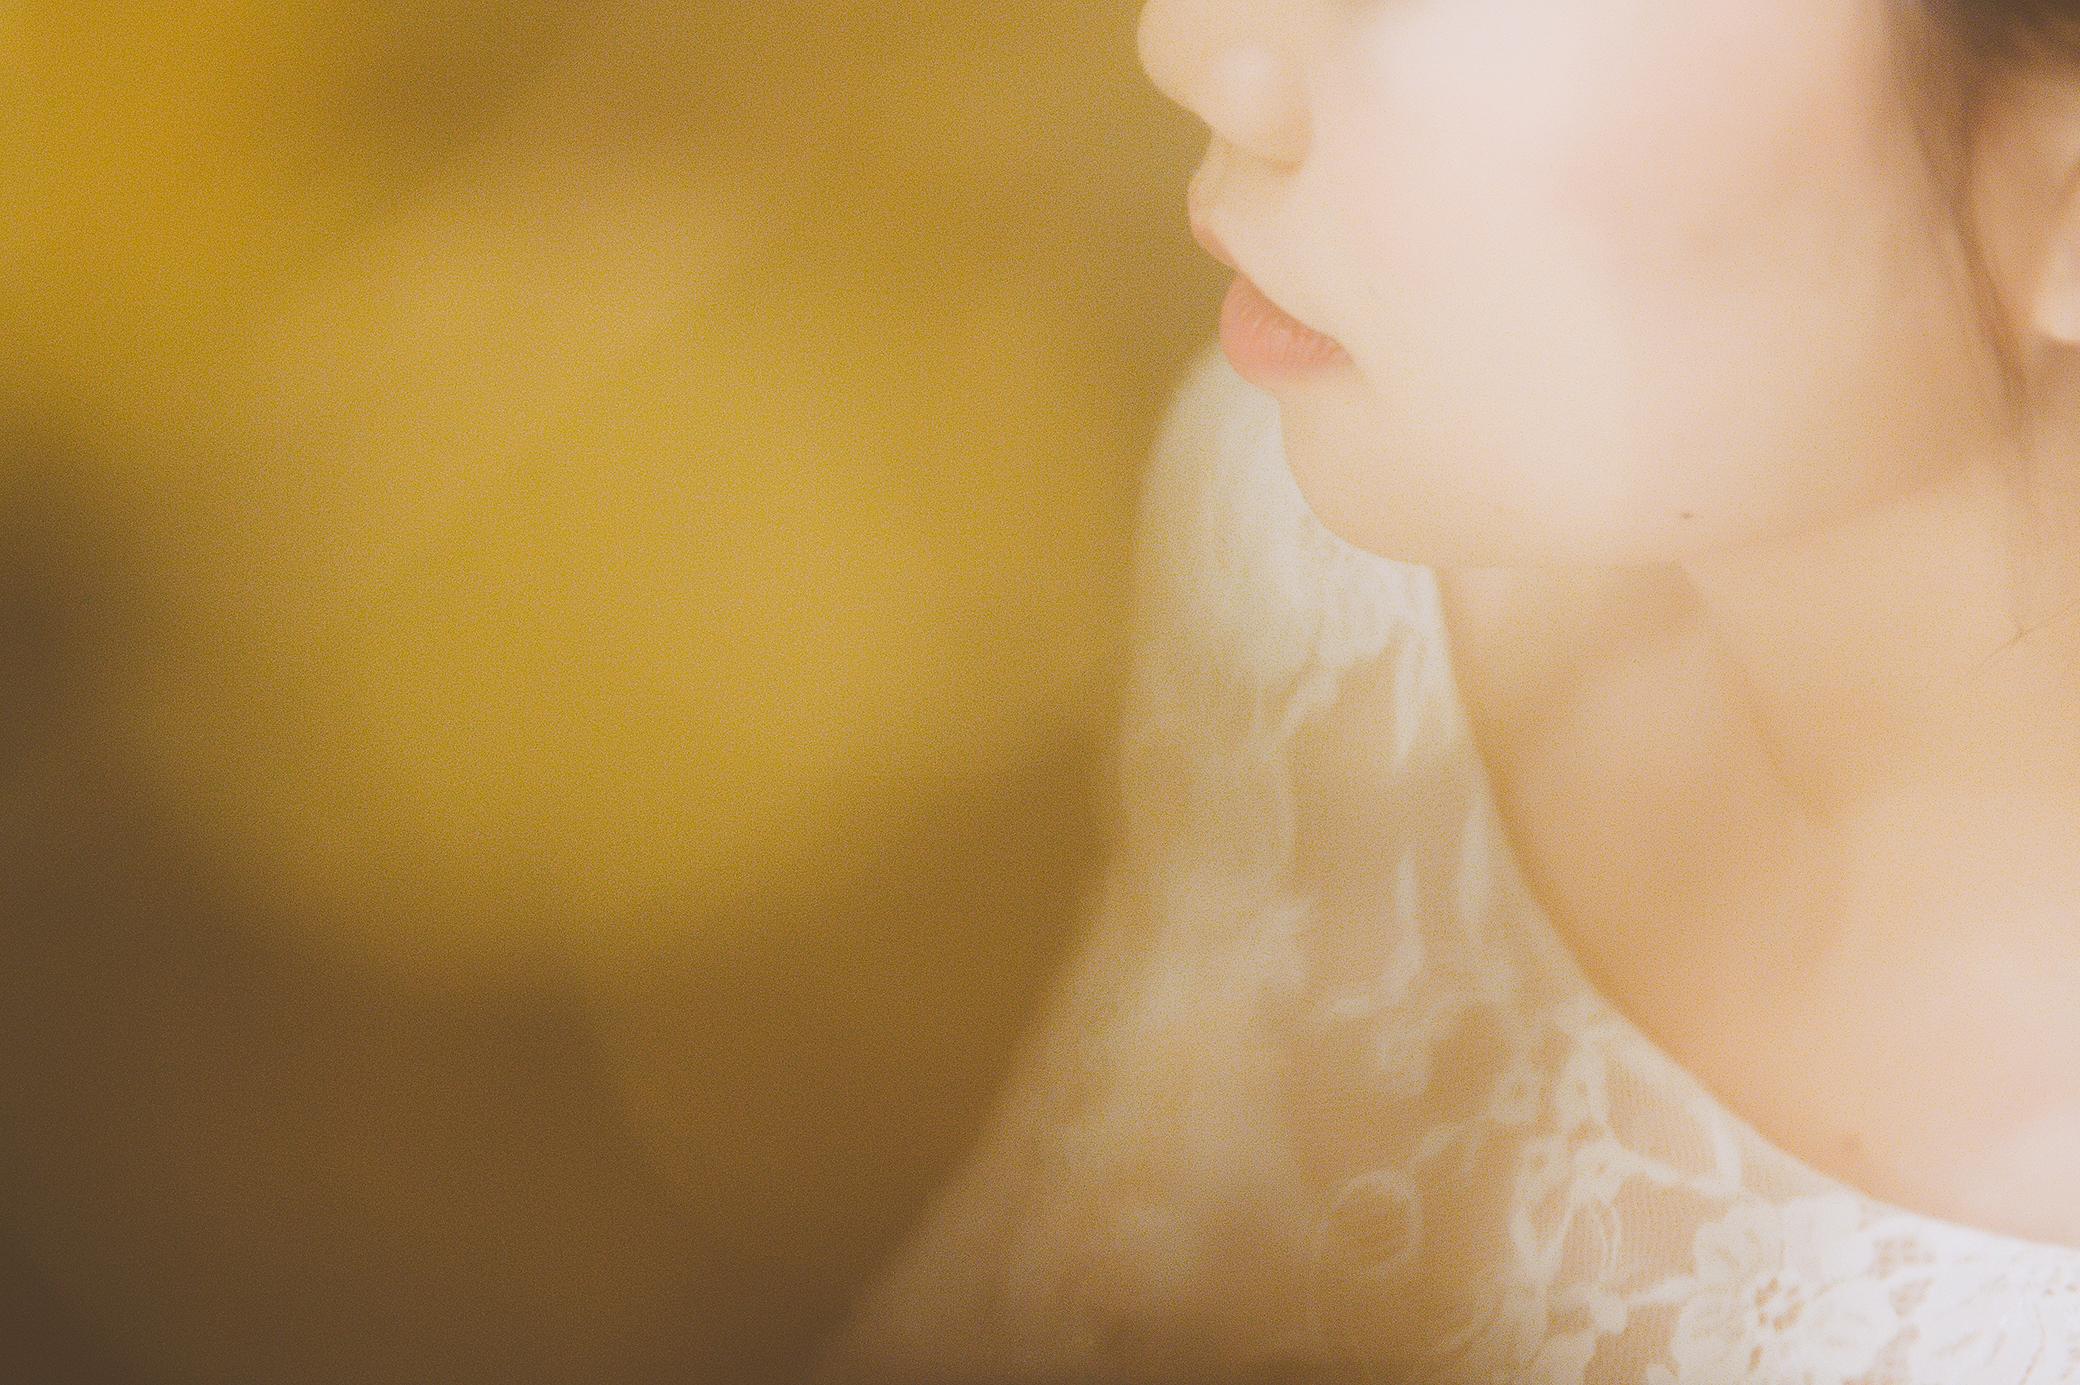 nickchang-wedding-%e5%af%92%e8%88%8d%e8%89%be%e9%ba%97-fineart-46